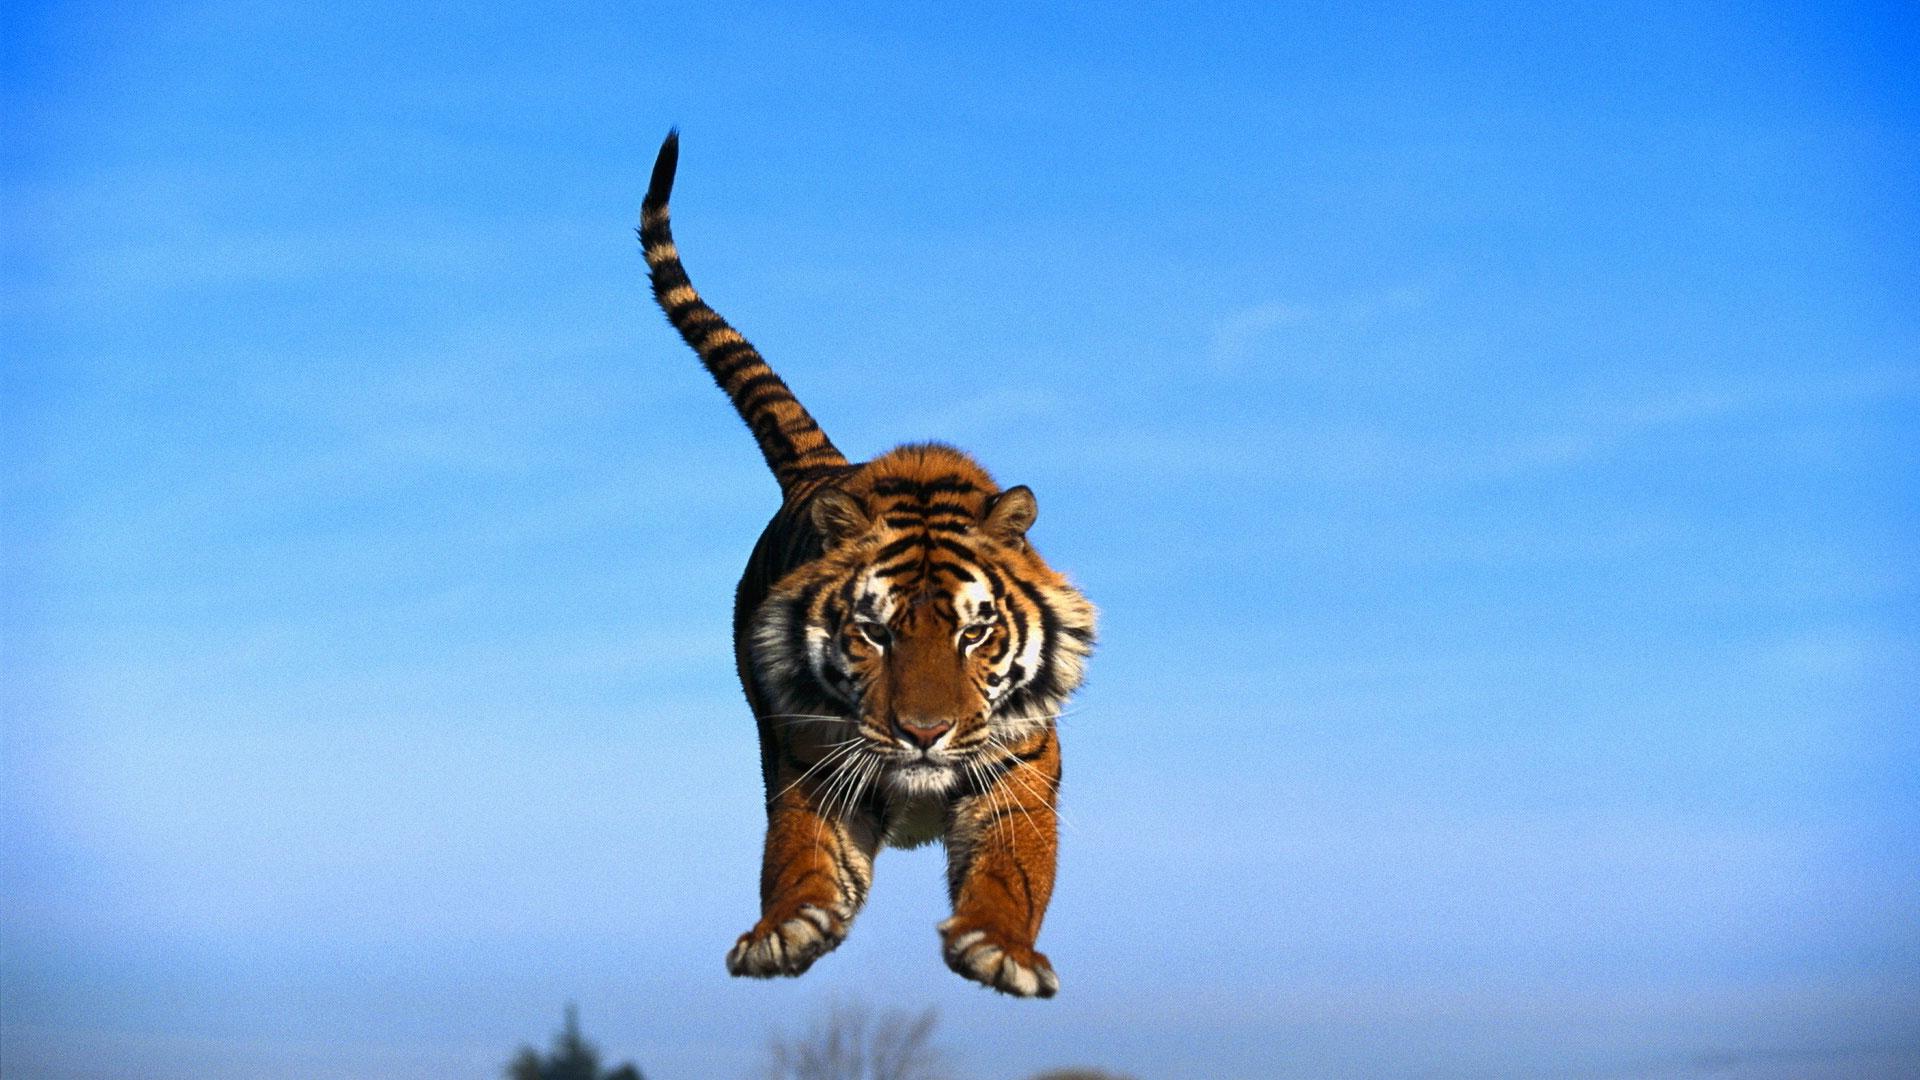 Дикие кошки Фото диких кошек Пантеры тигры рыси львы